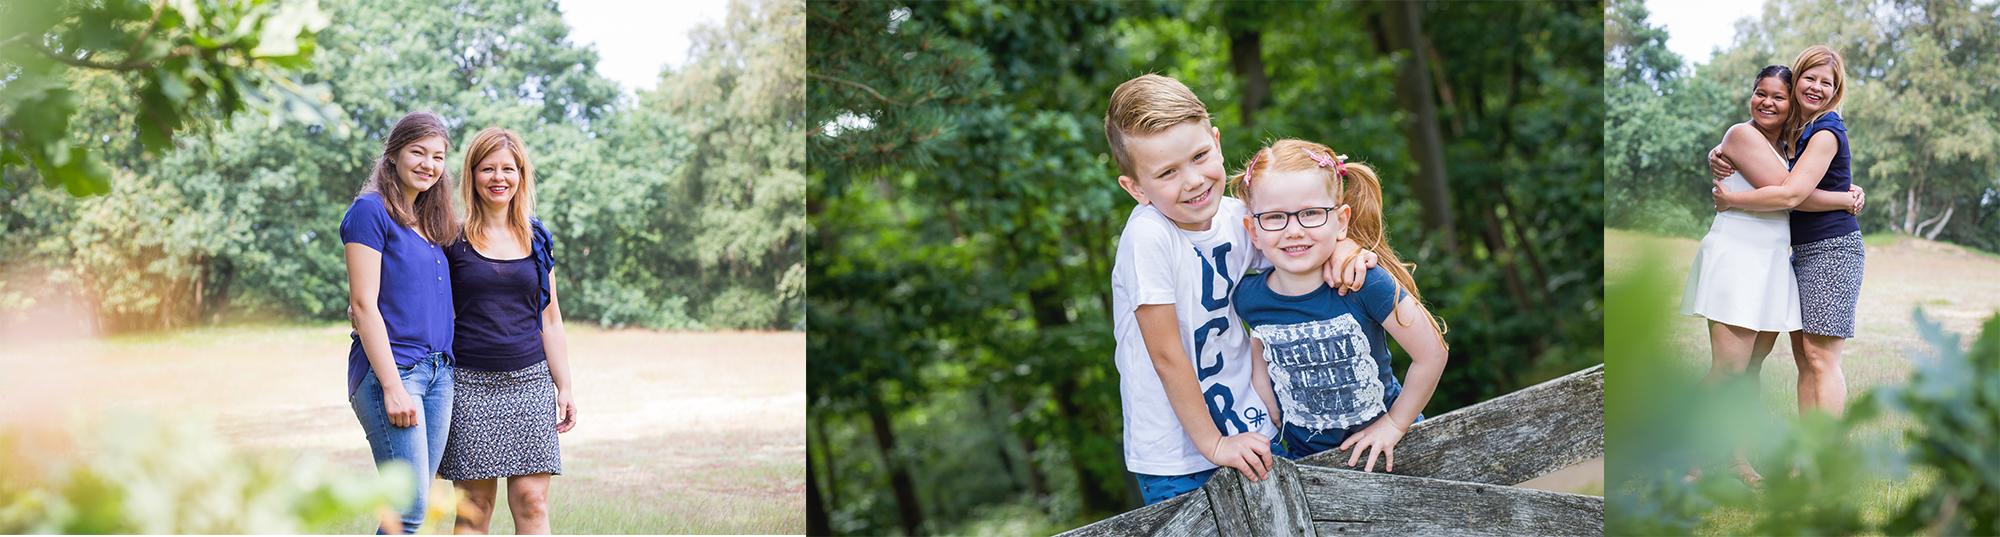 Familieshoot Familiefotografie Portretfotografie